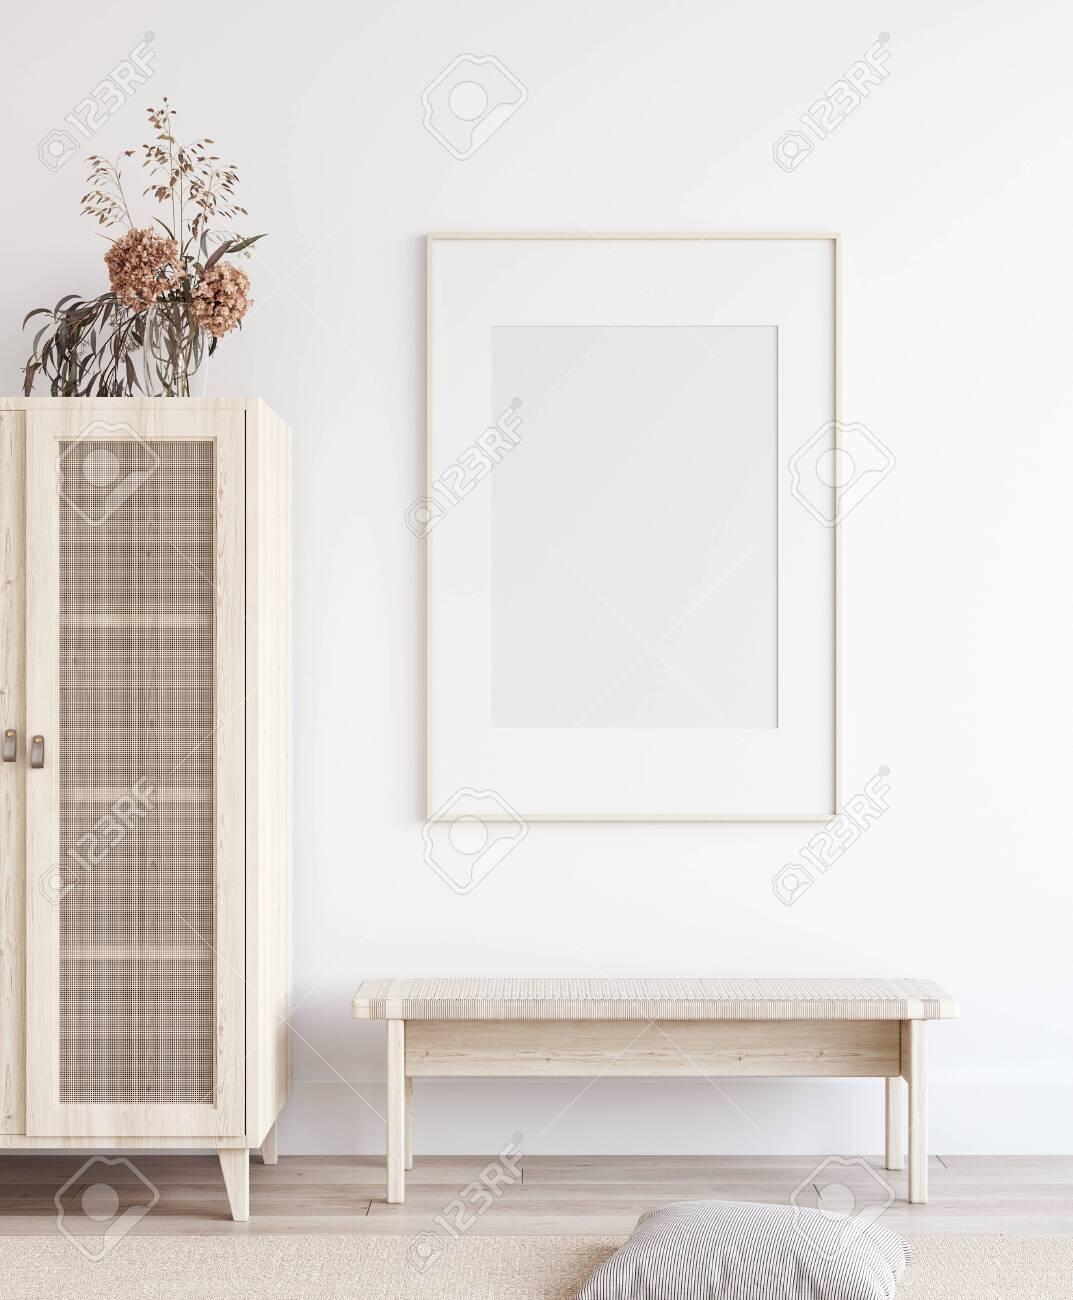 Mock up poster in Scandinavian home interior, 3d render - 131973340